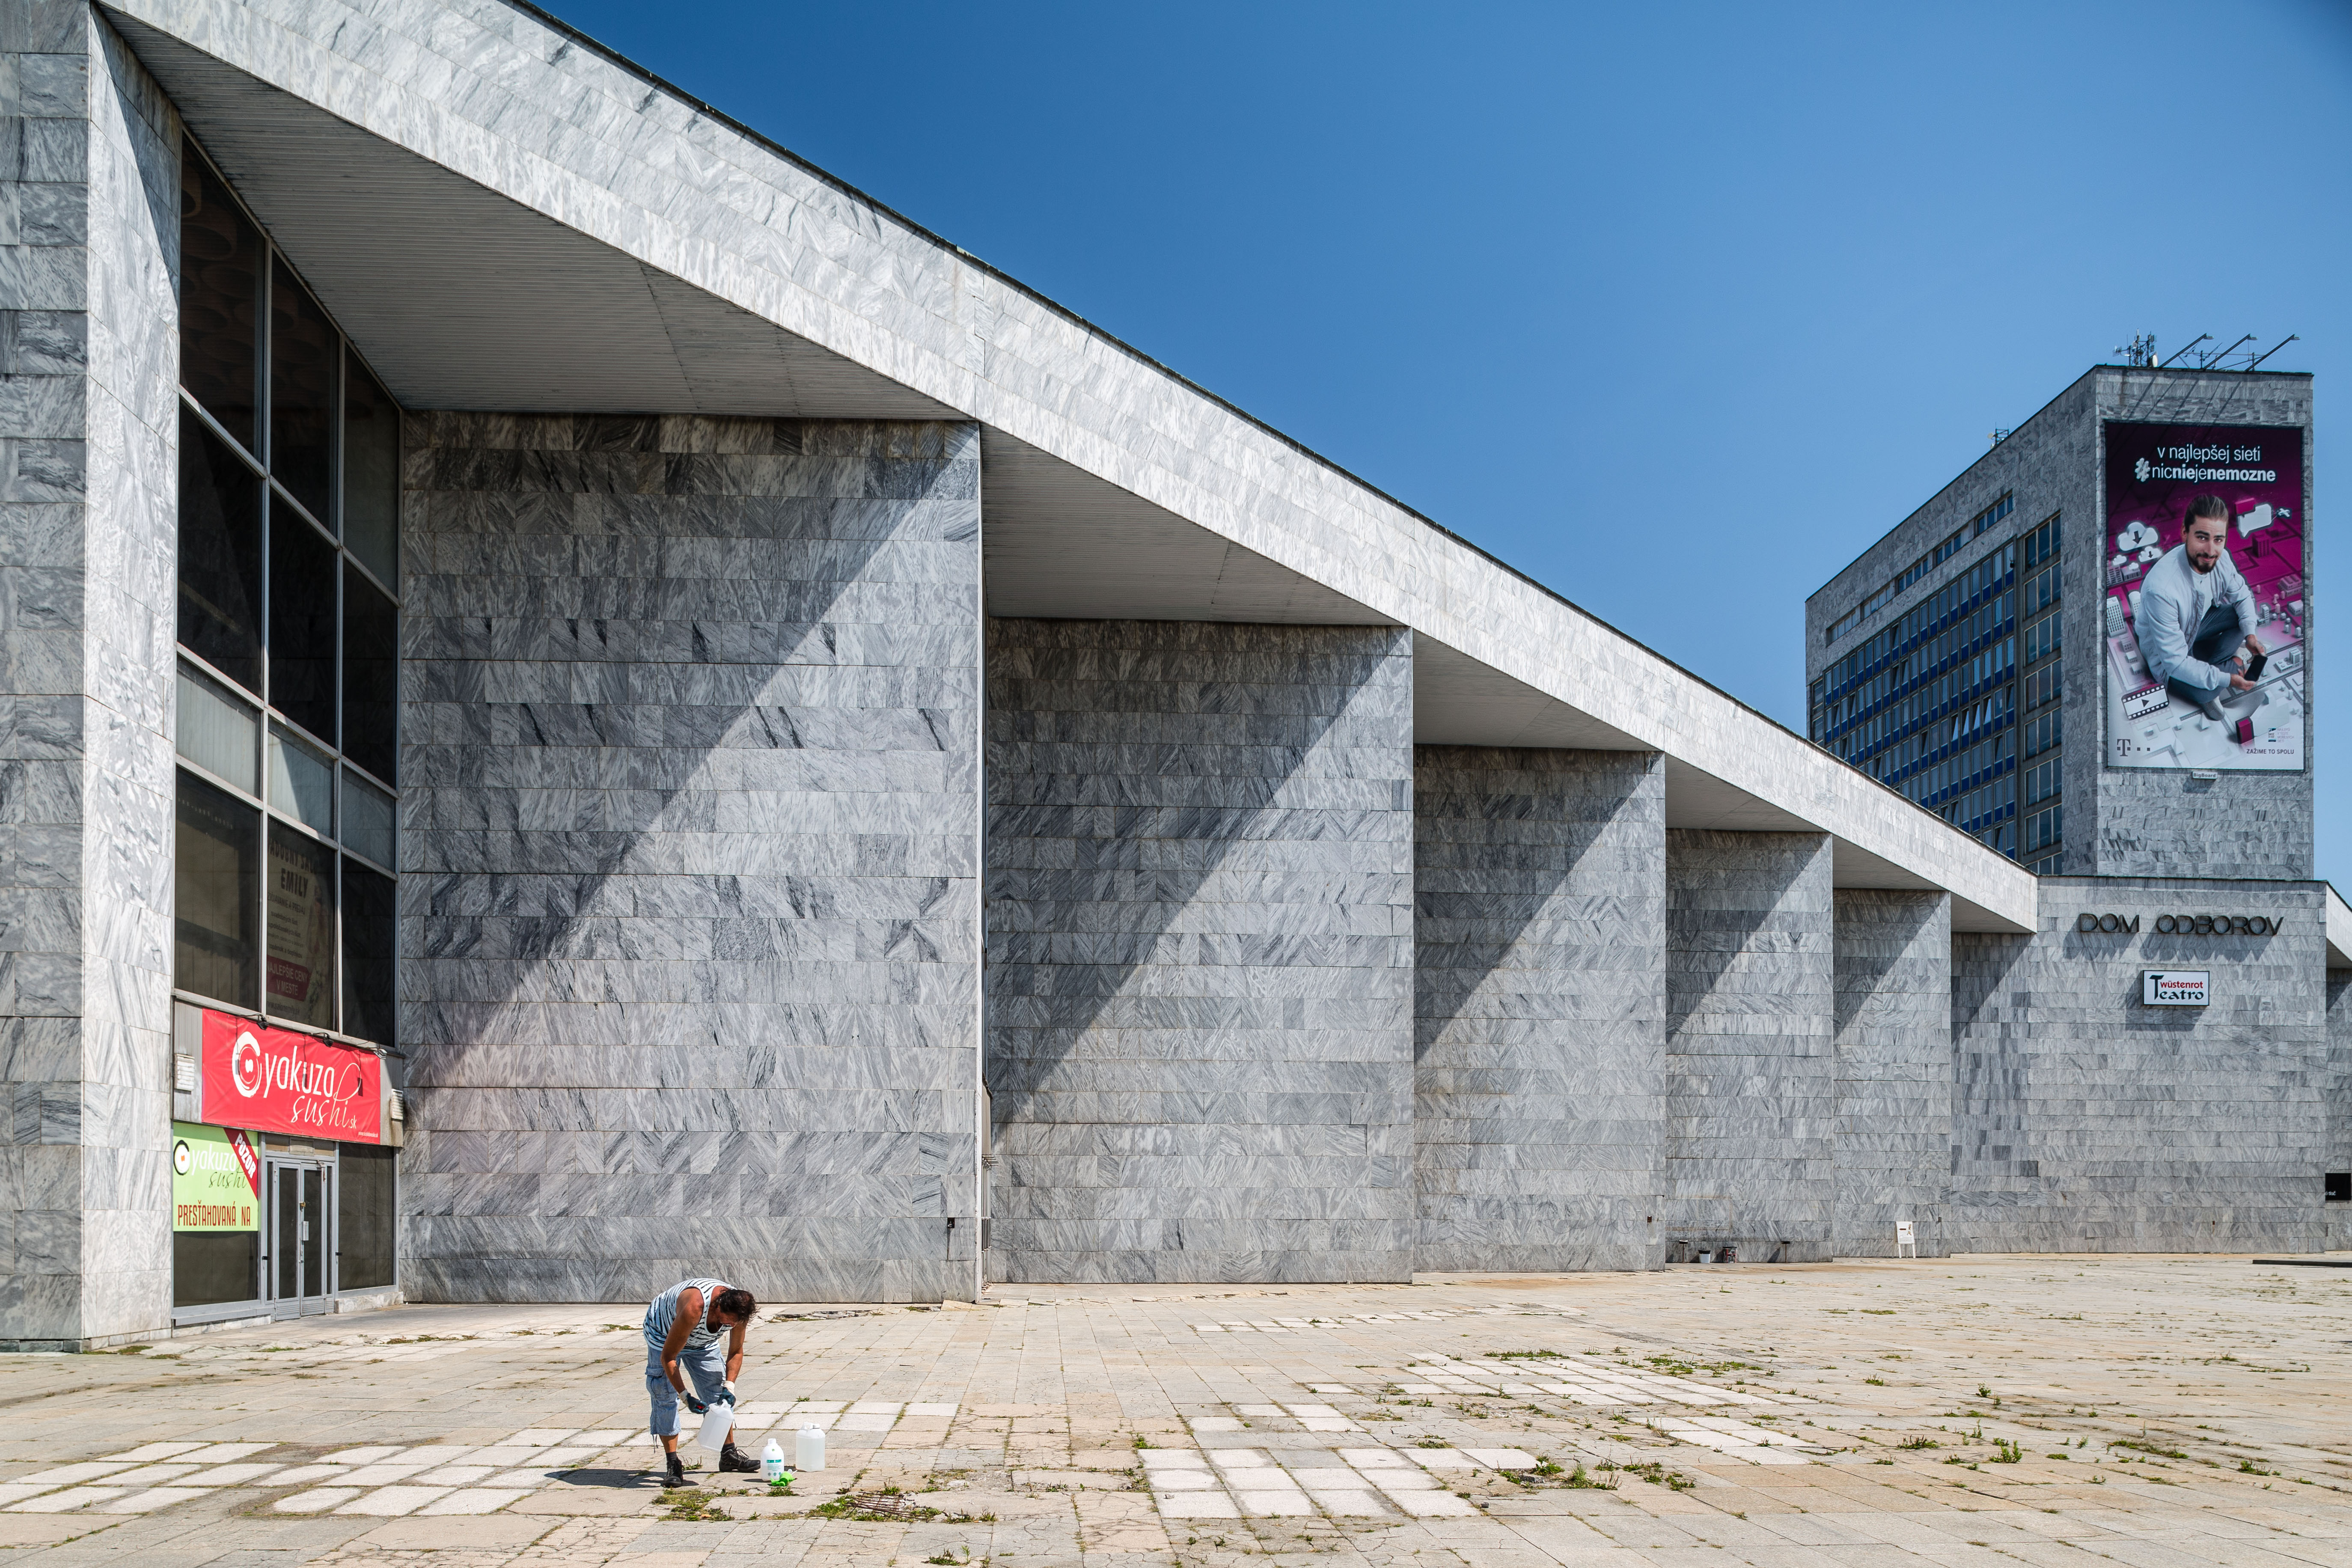 Istropolis si zaslúži prestavbu, nie vulgárne búranie, hovoria odborníci na architektúru